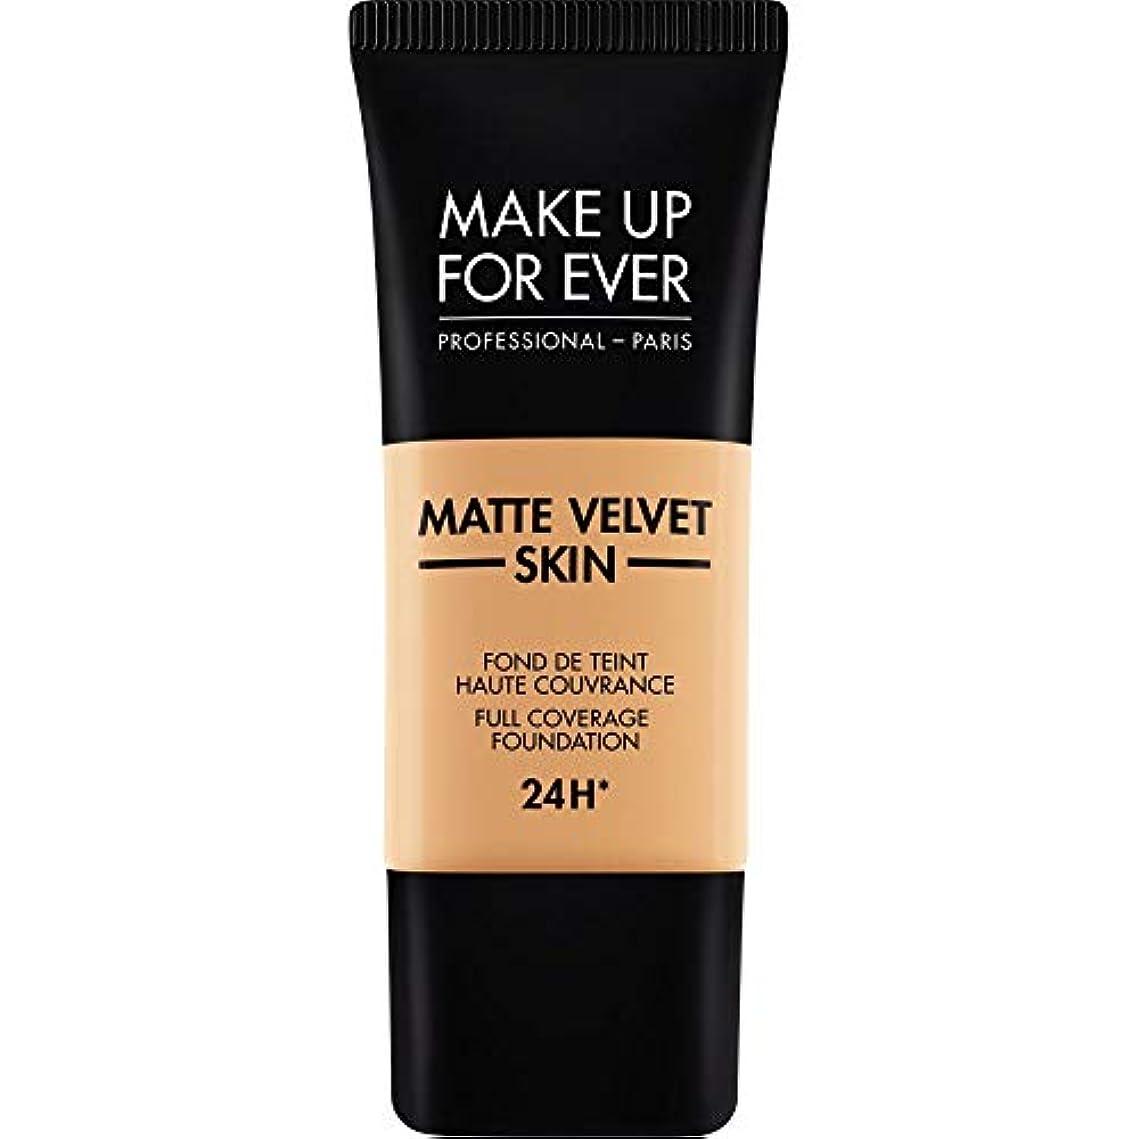 引き潮朝ごはんブレス[MAKE UP FOR EVER ] 黄金の砂 - これまでマットベルベットの皮膚のフルカバレッジ基礎30ミリリットルのY375を補います - MAKE UP FOR EVER Matte Velvet Skin Full...